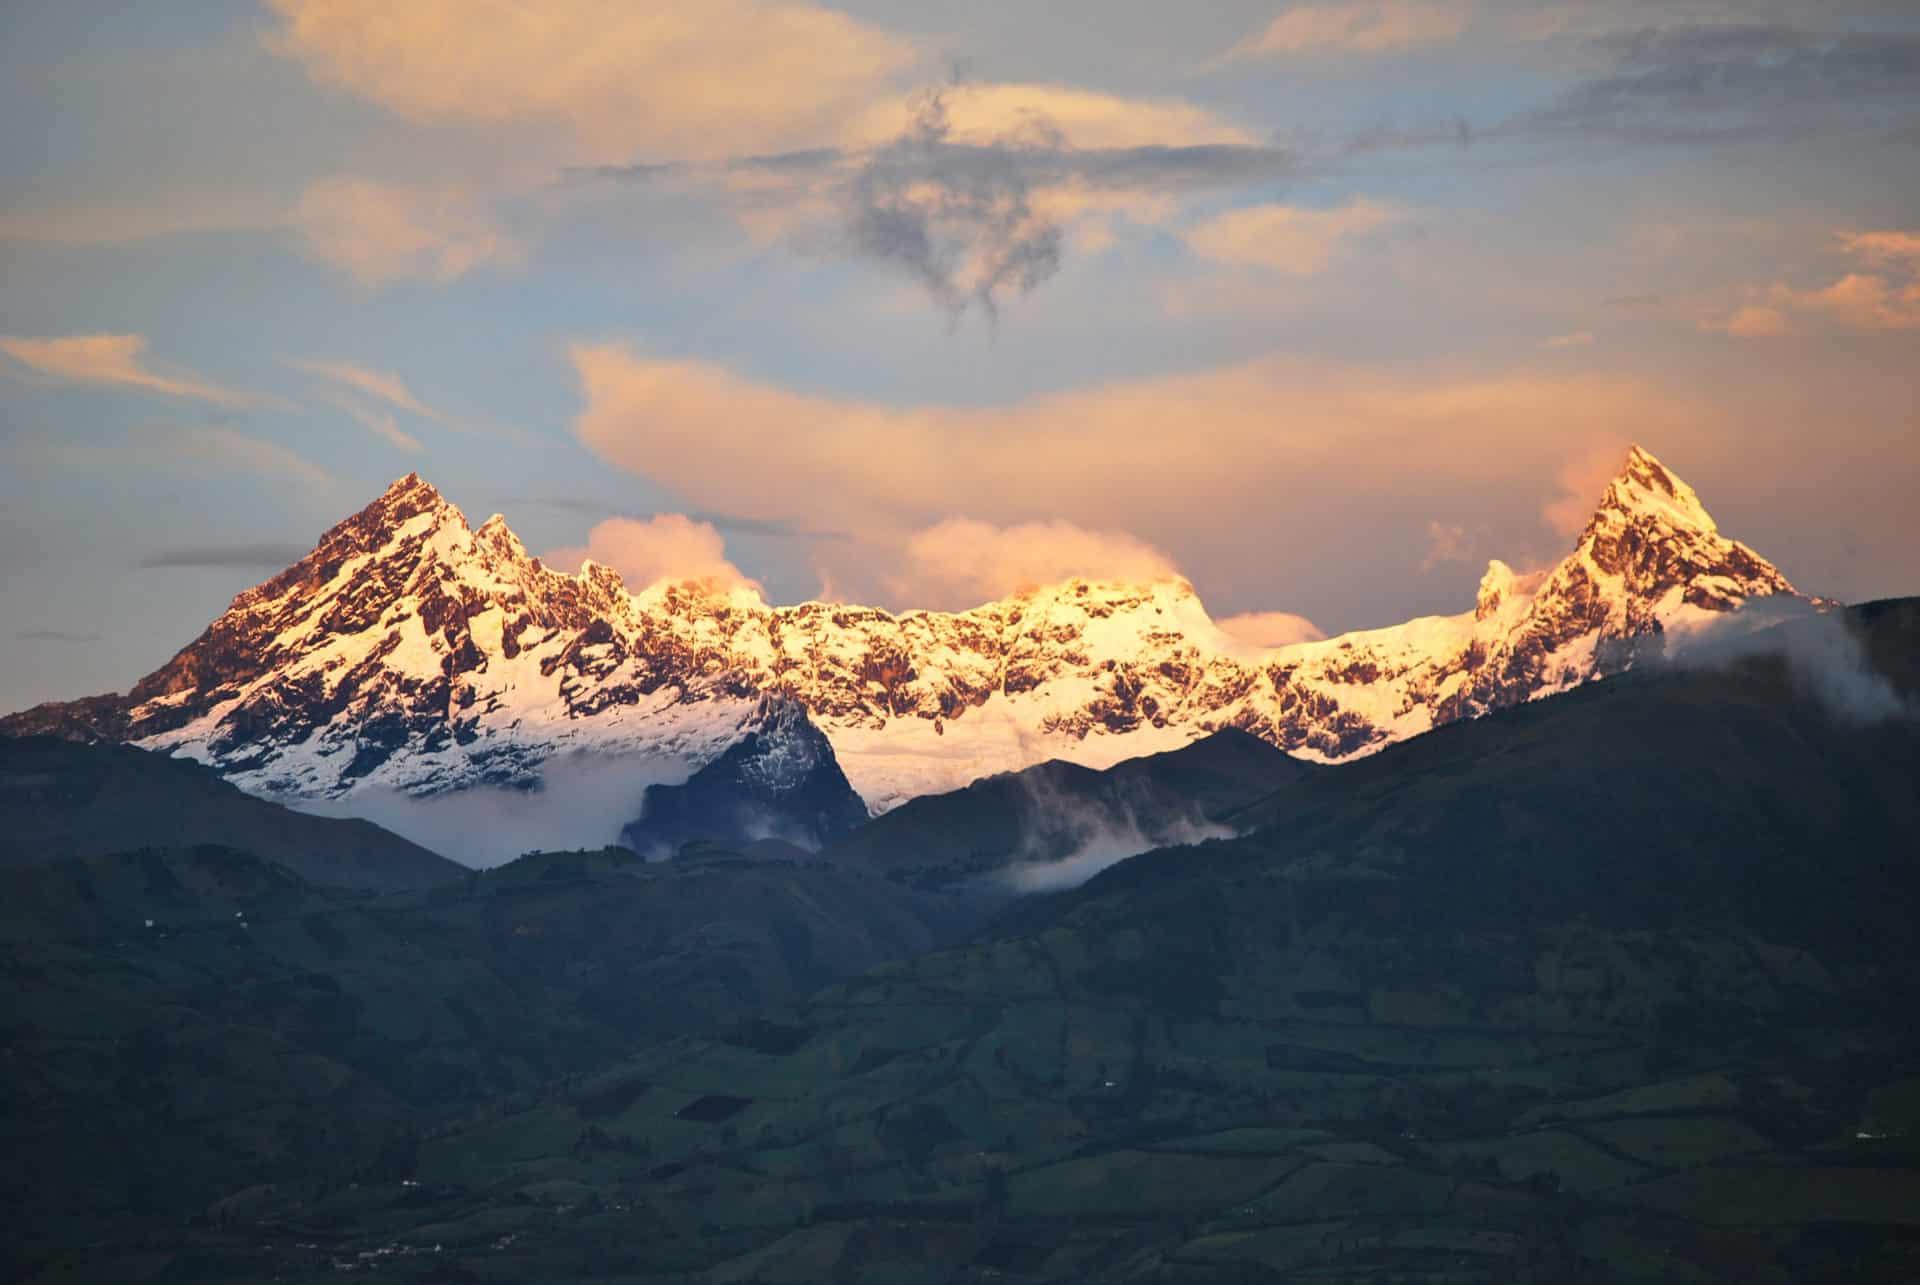 El Altar Volcano 2-day climbing trip in Ecuador